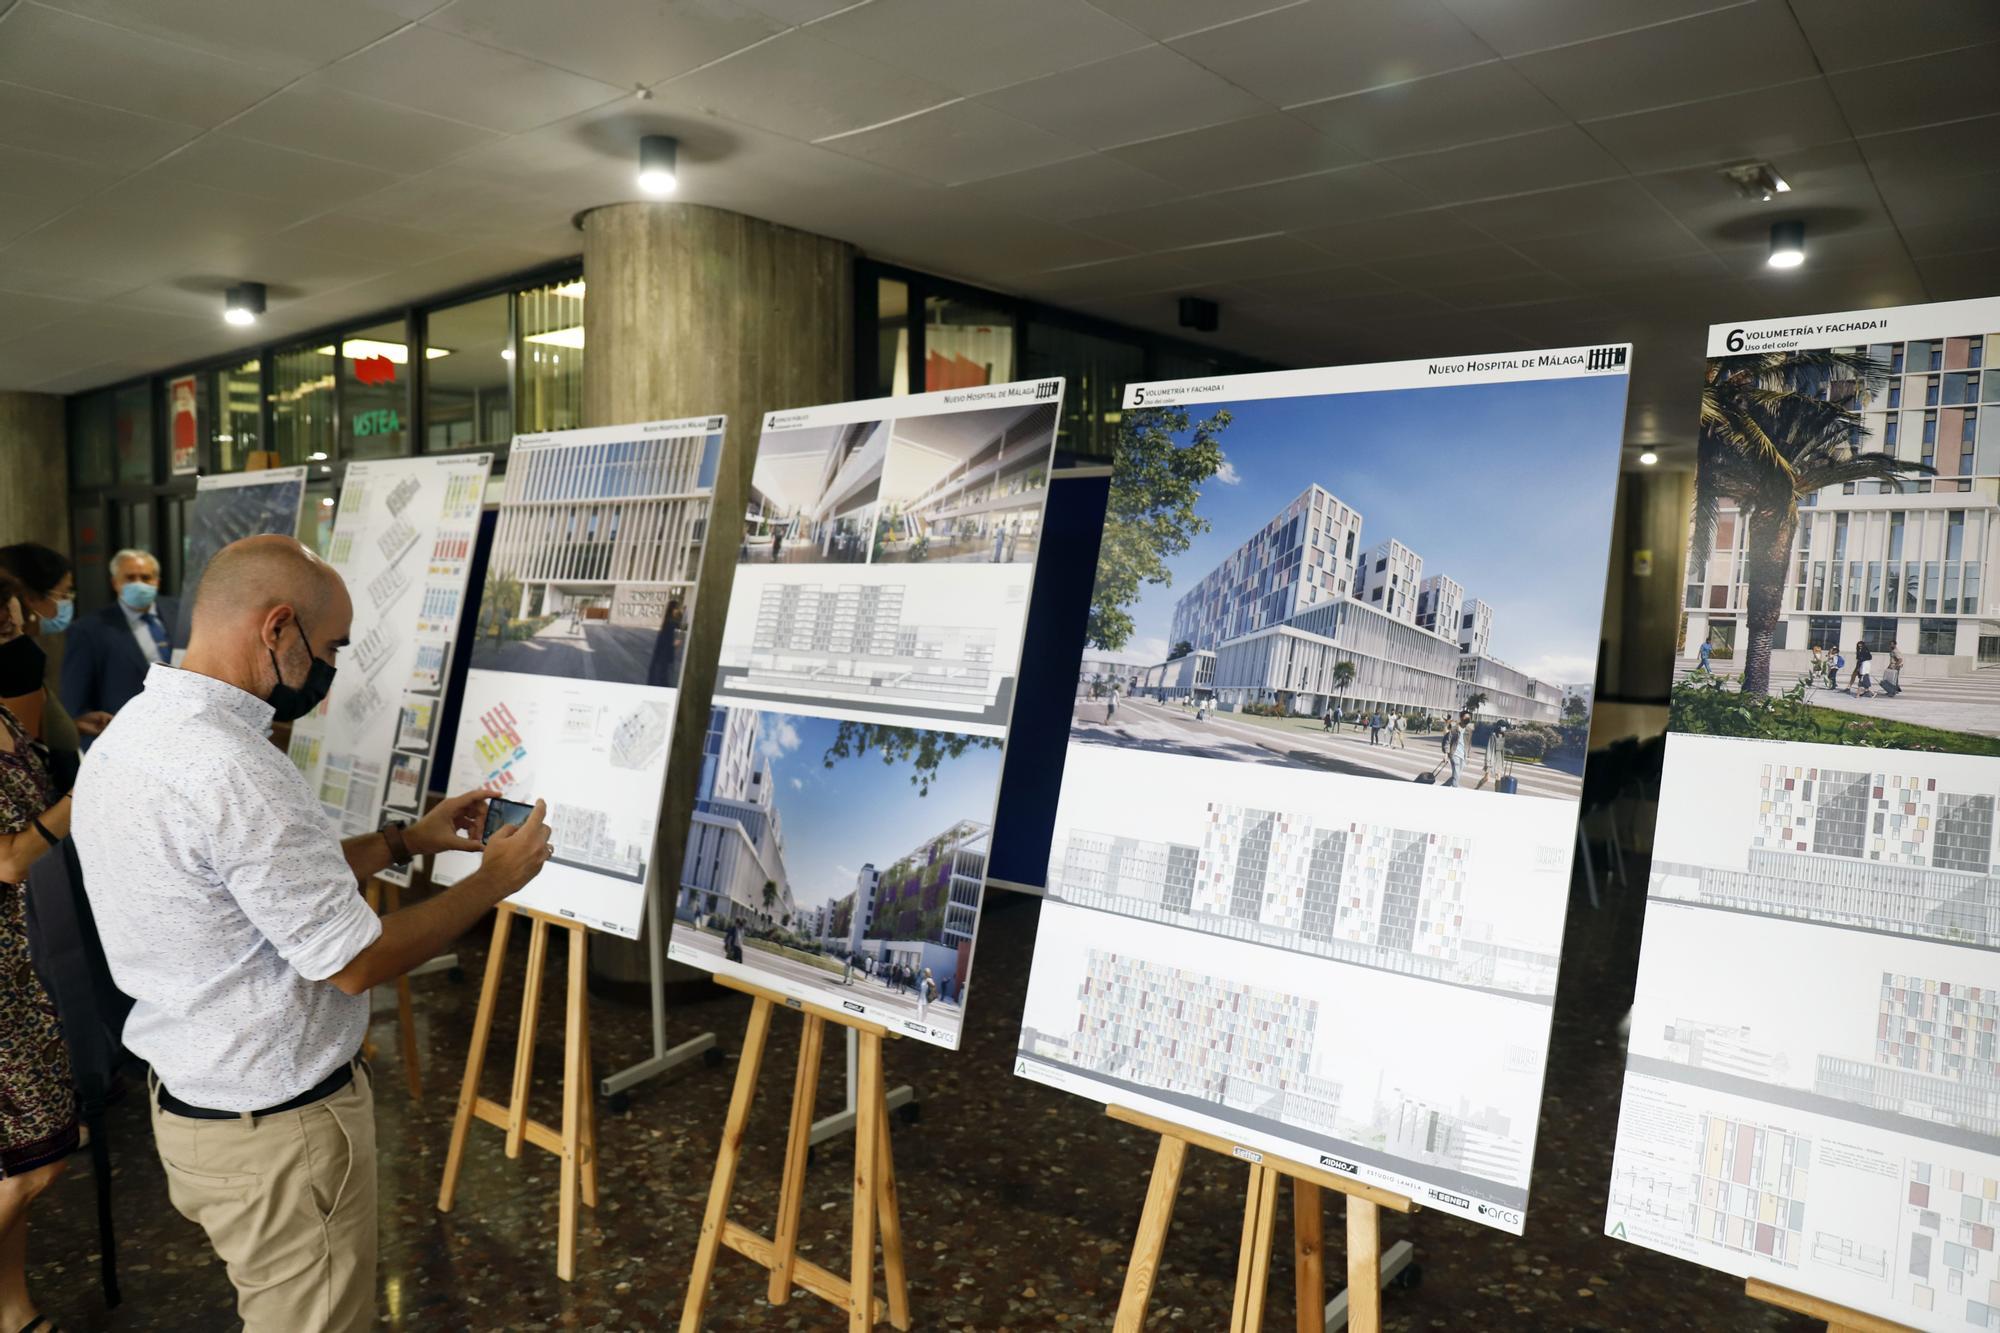 Presentación del anteproyecto del tercer hospital de Málaga.